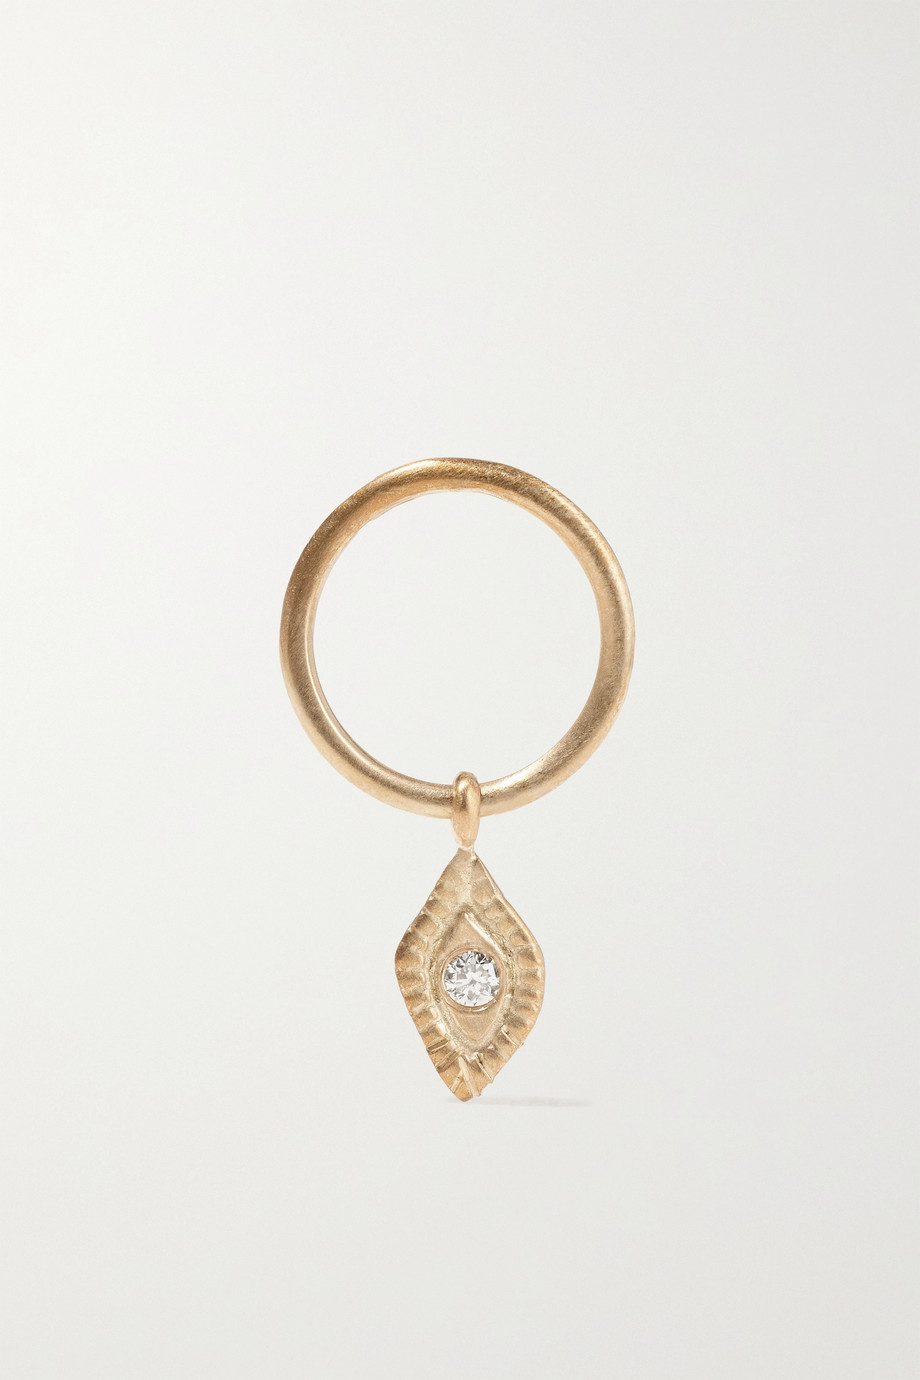 Pascale Monvoisin Souad N°1 einzelner Ohrring aus 9 Karat Gold mit Diamant